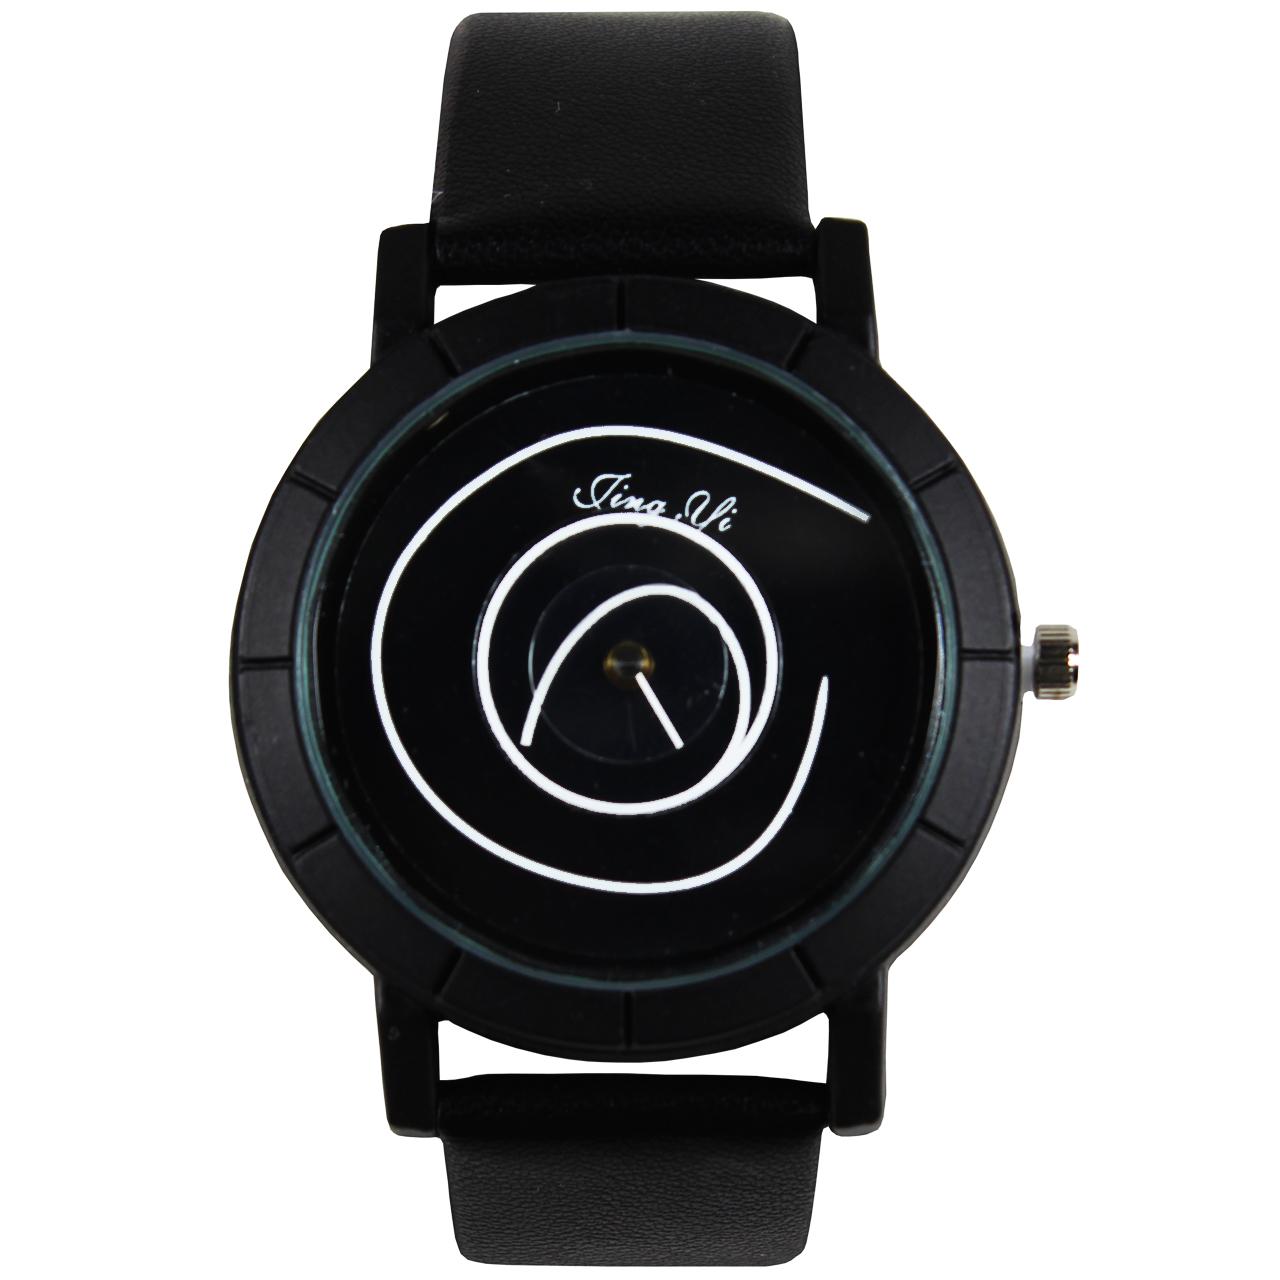 ساعت مچی عقربه ای جینگ یی مدل 003 1